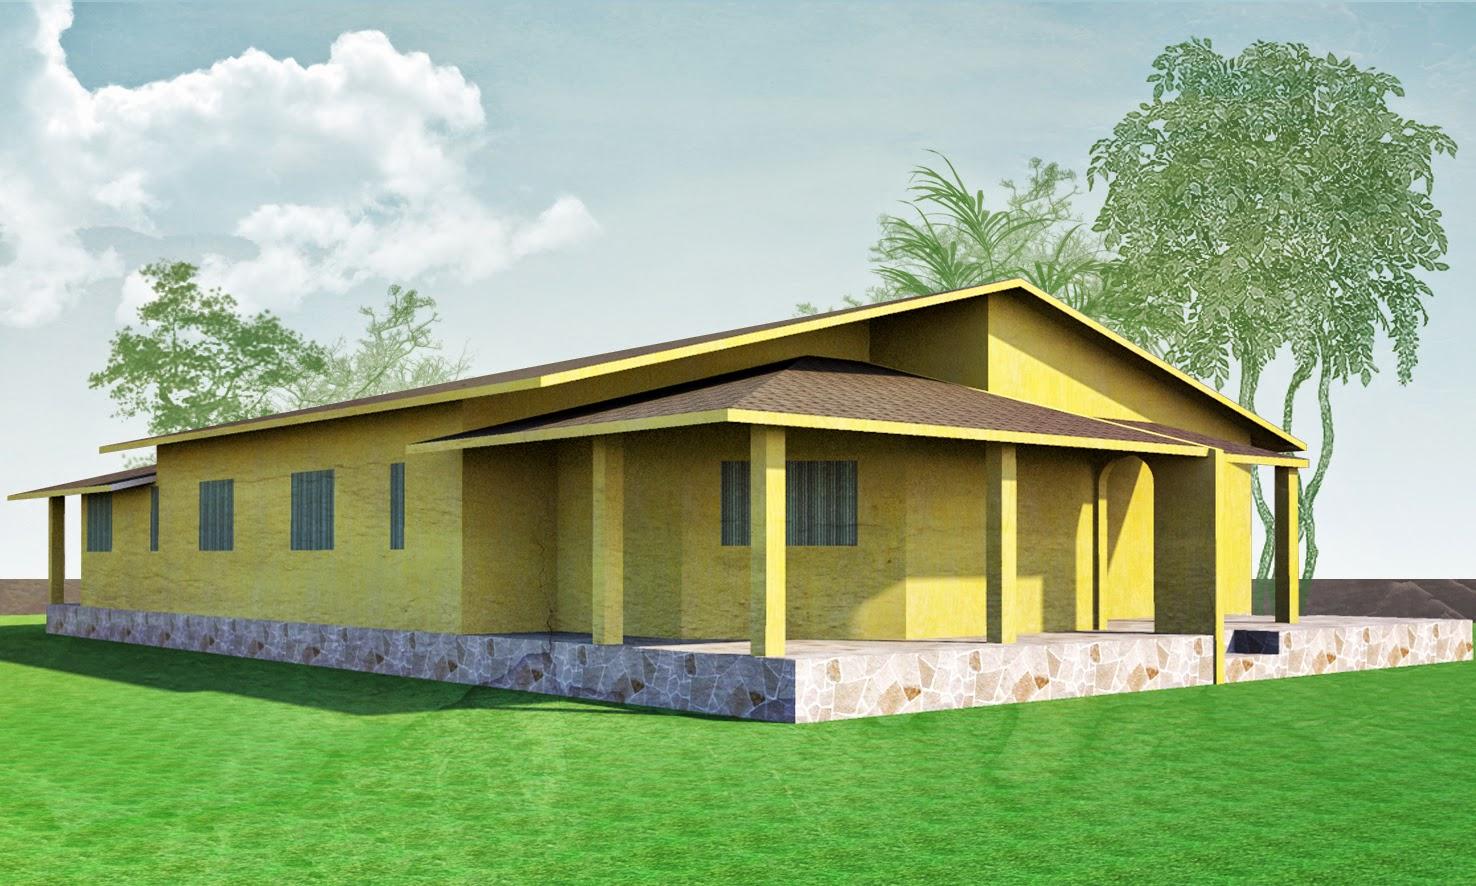 Progetti di case in legno for Case in legno 100 mq